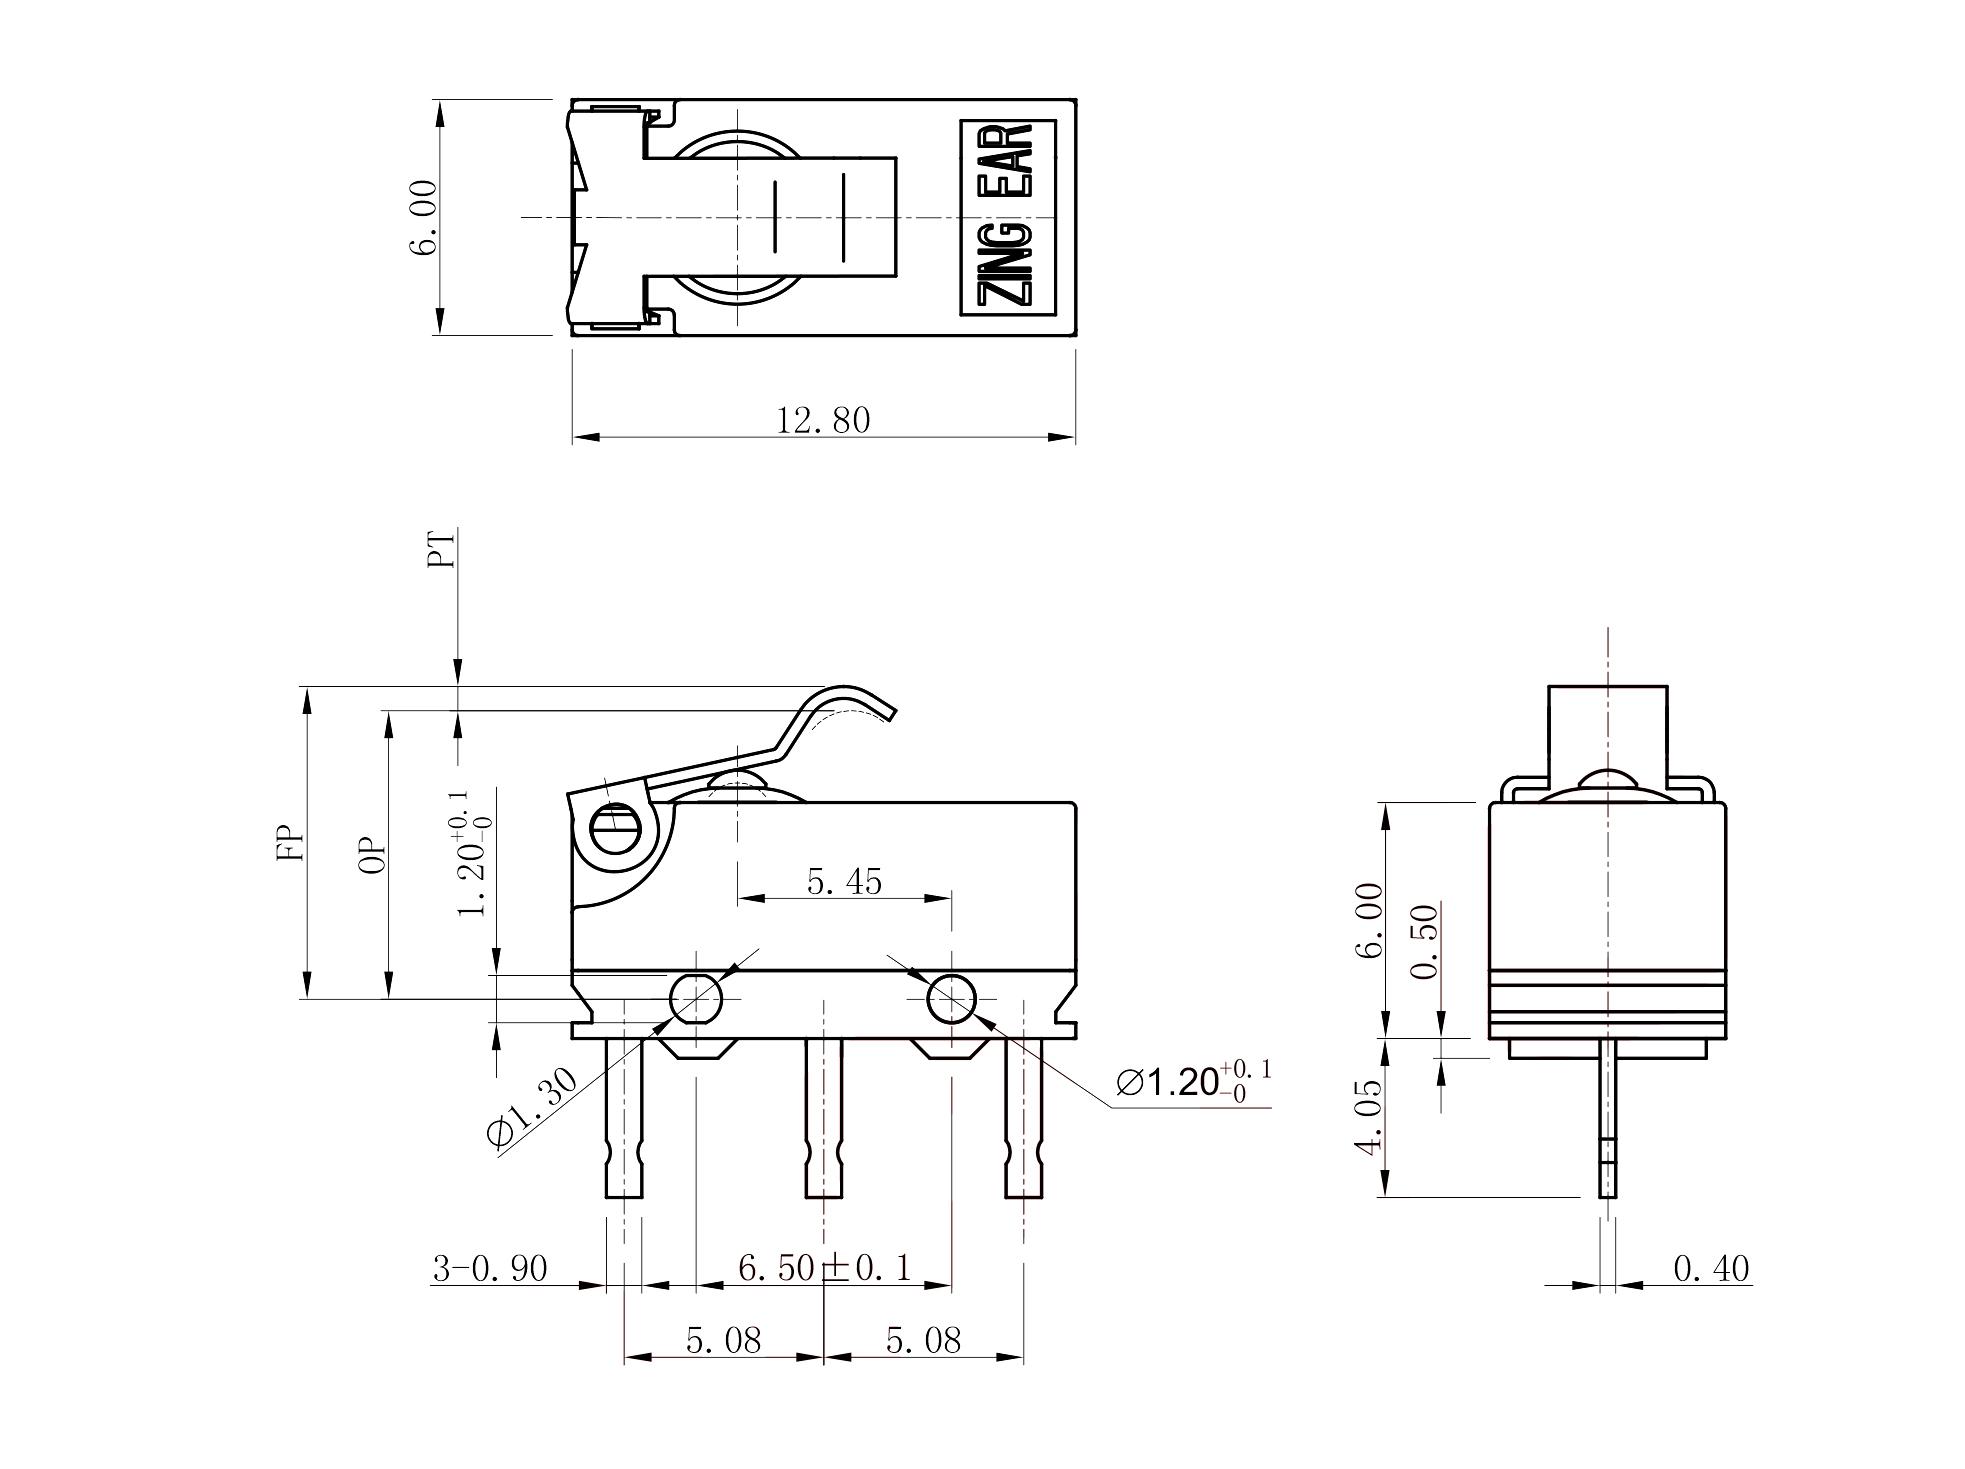 Drawing_G10B03-150P02A_Rev_A0